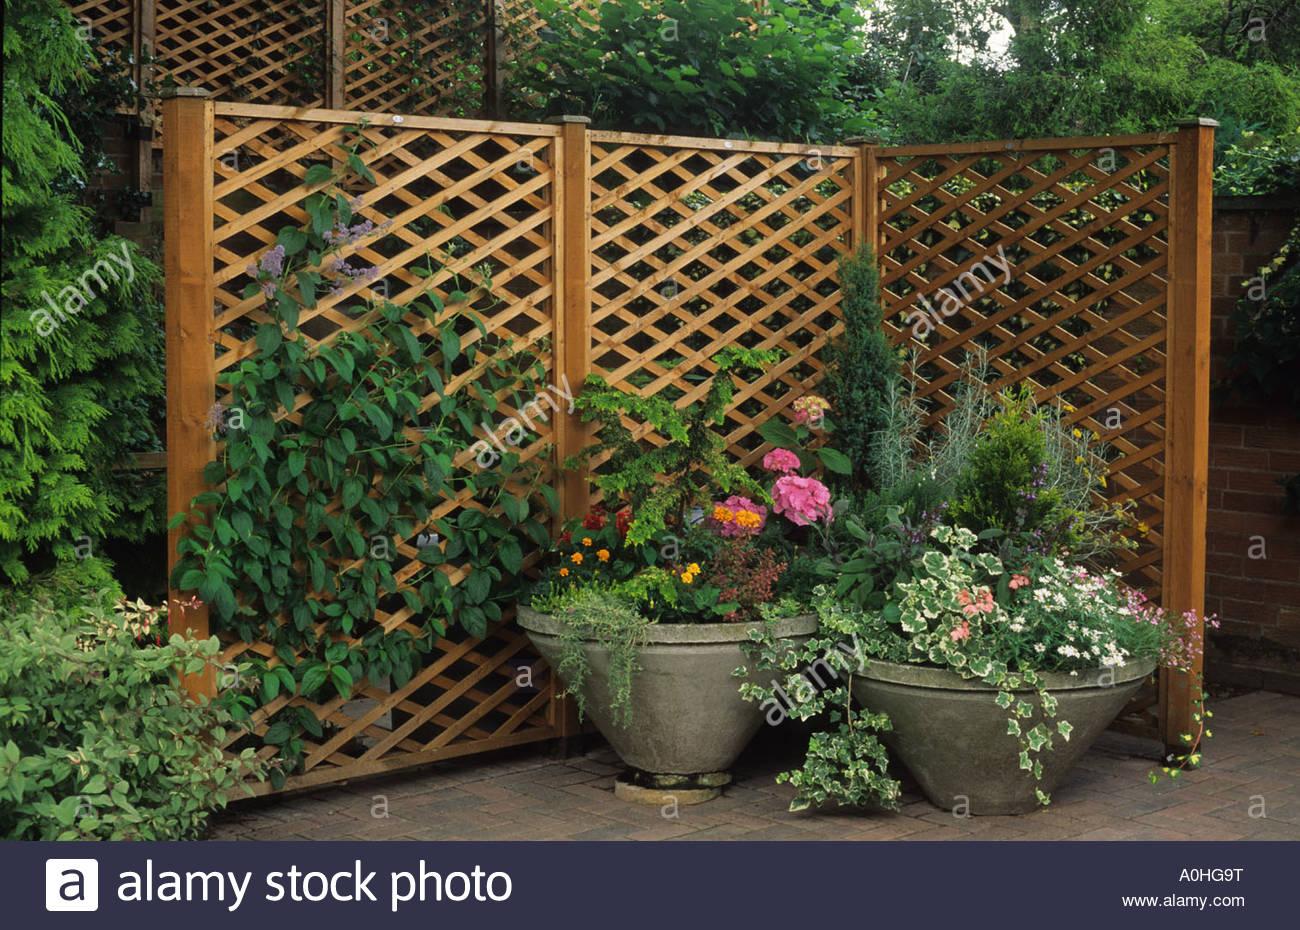 Private garden Wolverhampton Portable trellis fencing hiding Stock